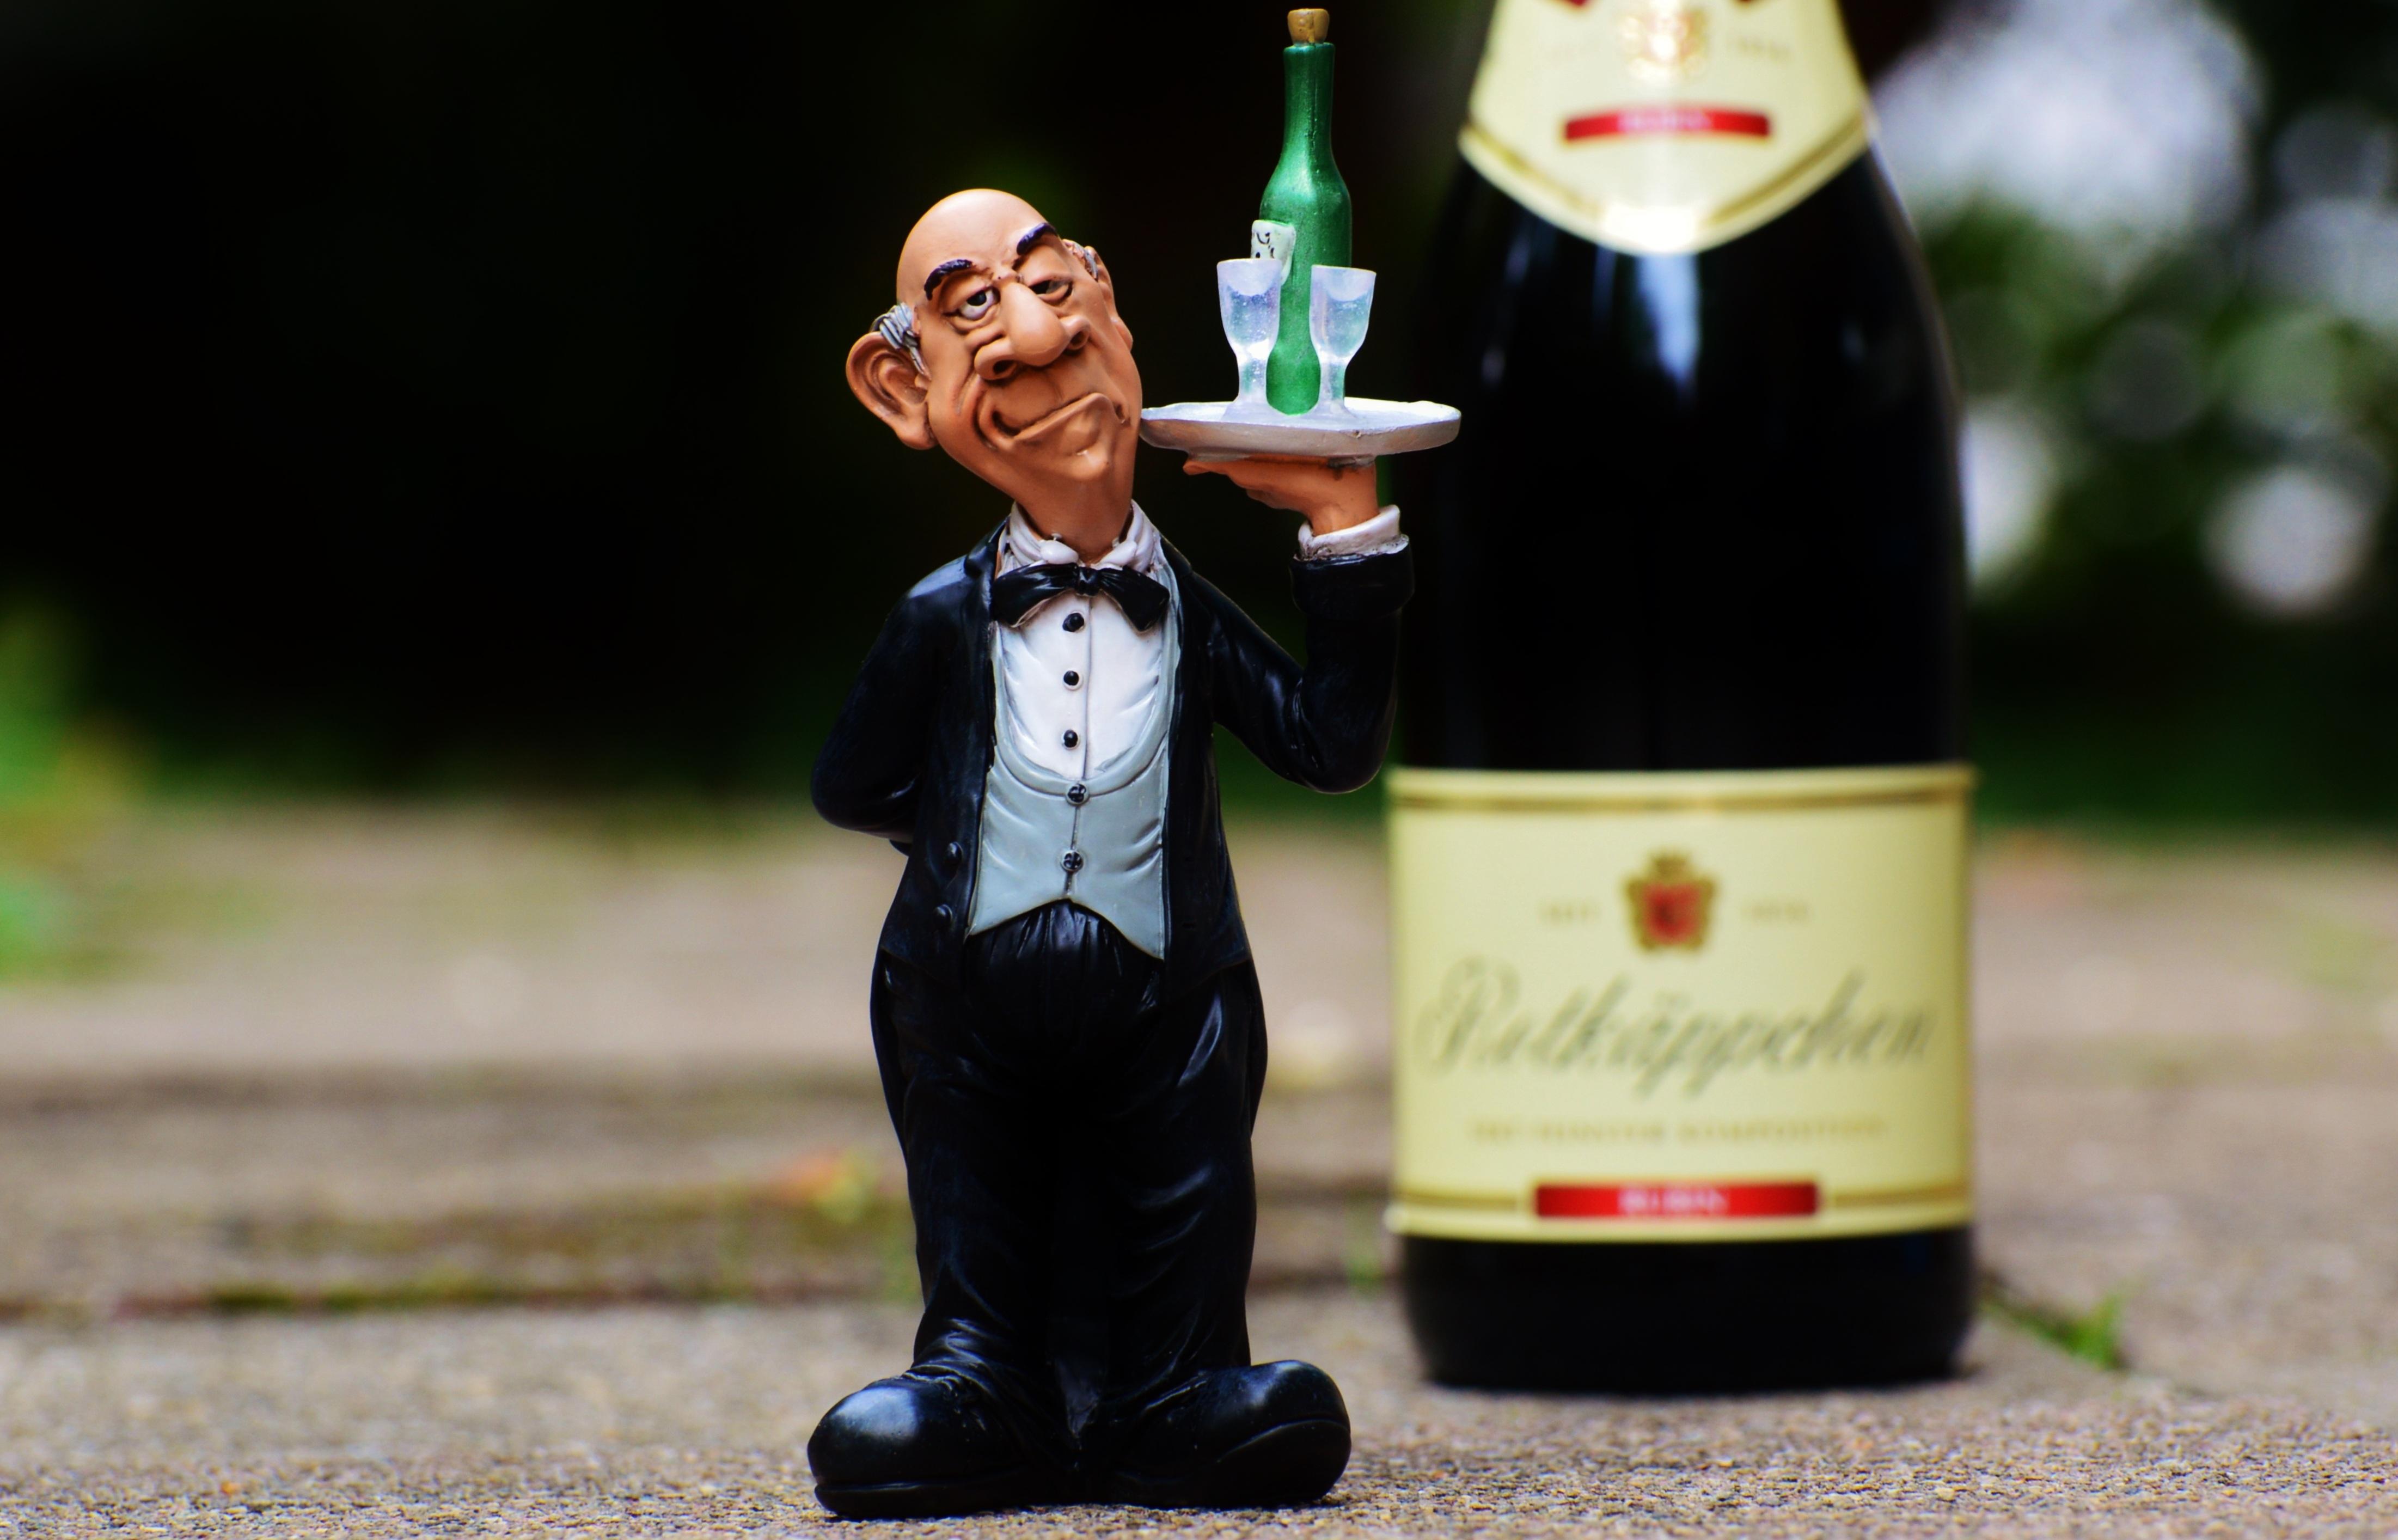 Смешные фото про шампанское